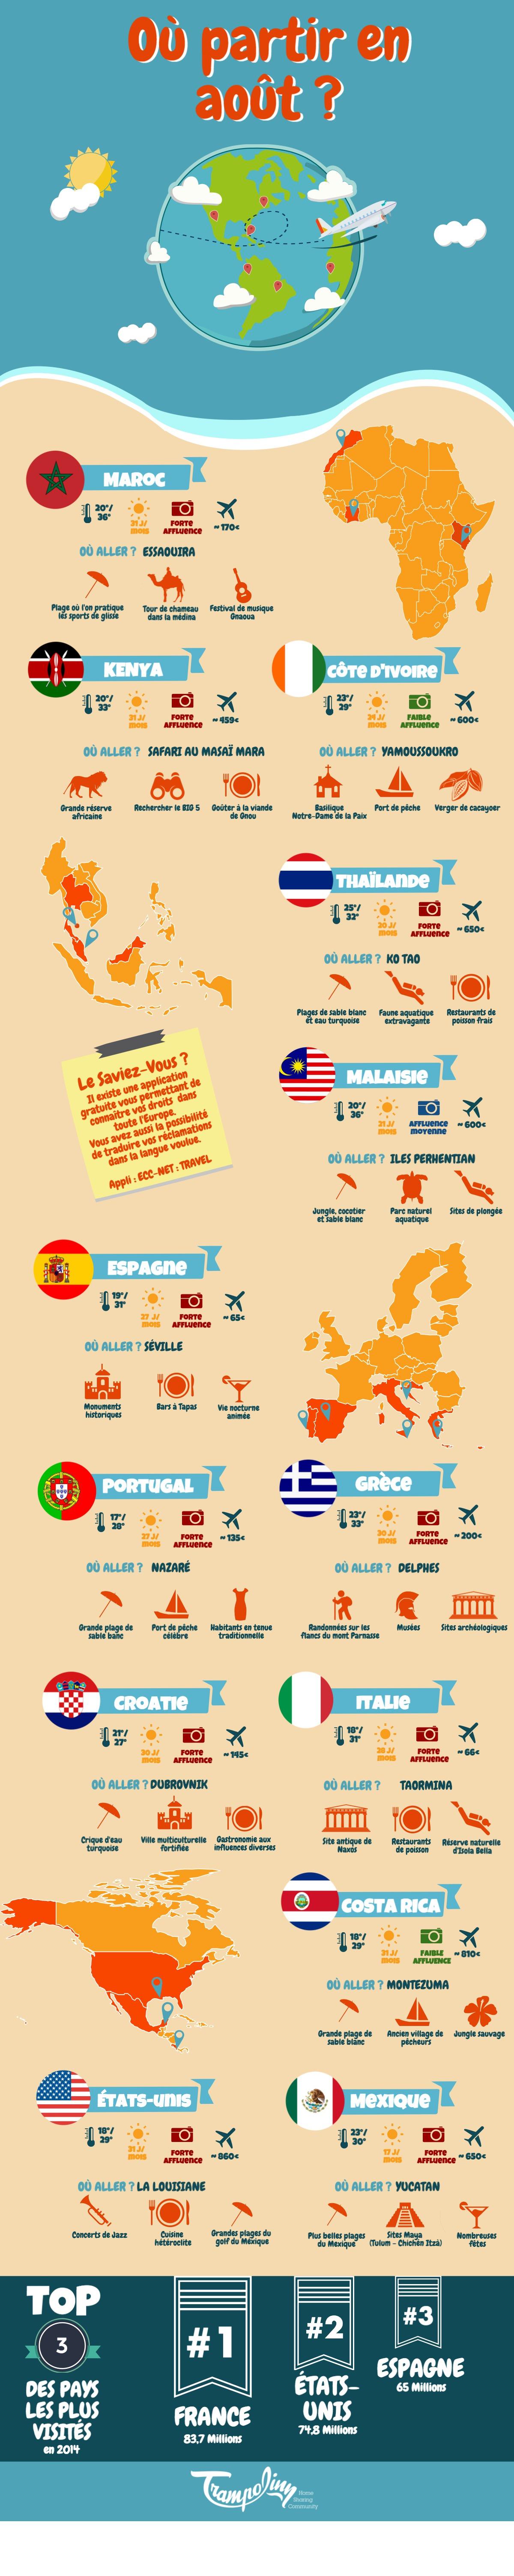 infographie_ou-partir-en-aout